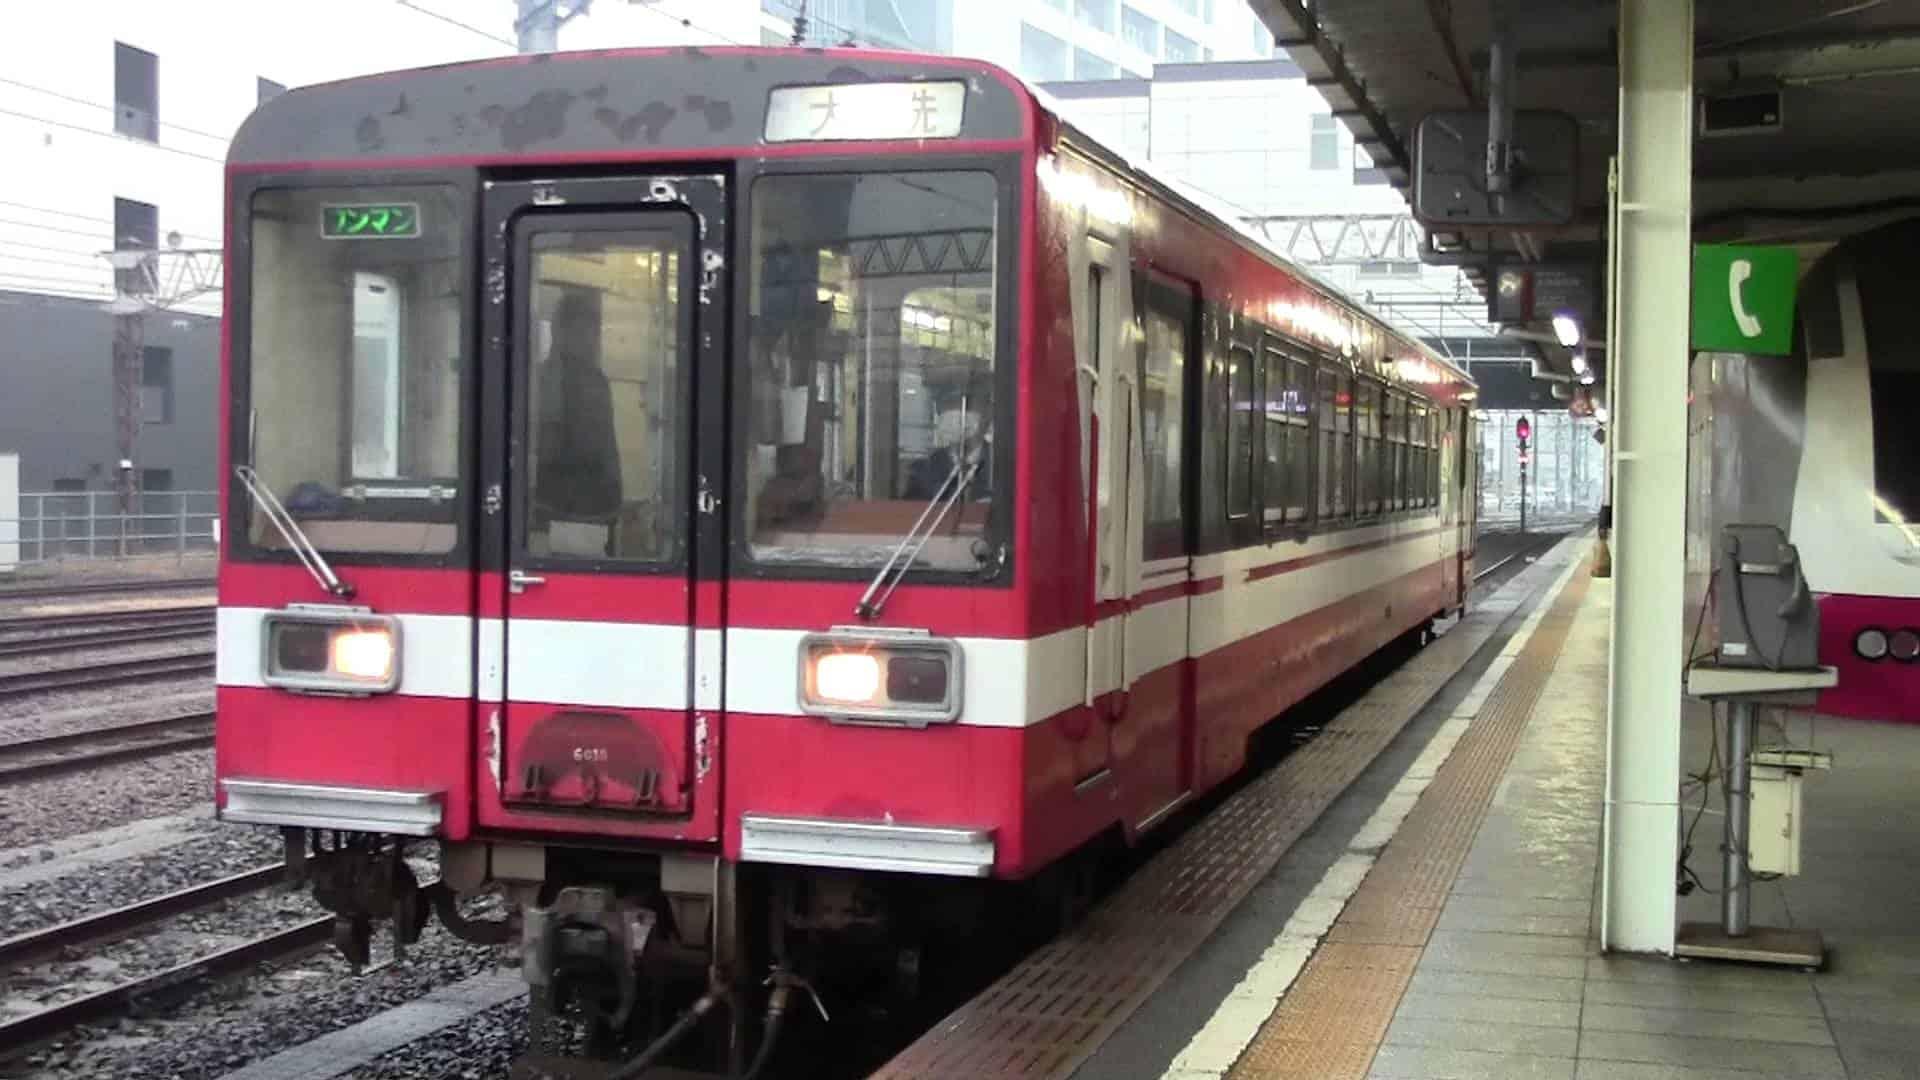 ที่สถานี Mito ให้เปลี่ยนมานั่งรถไฟสาย Oarai Kashima เพื่อไปลงสถานี Oarai ราคา 320 เยน ใช้เวลาประมาณ 10 นาที